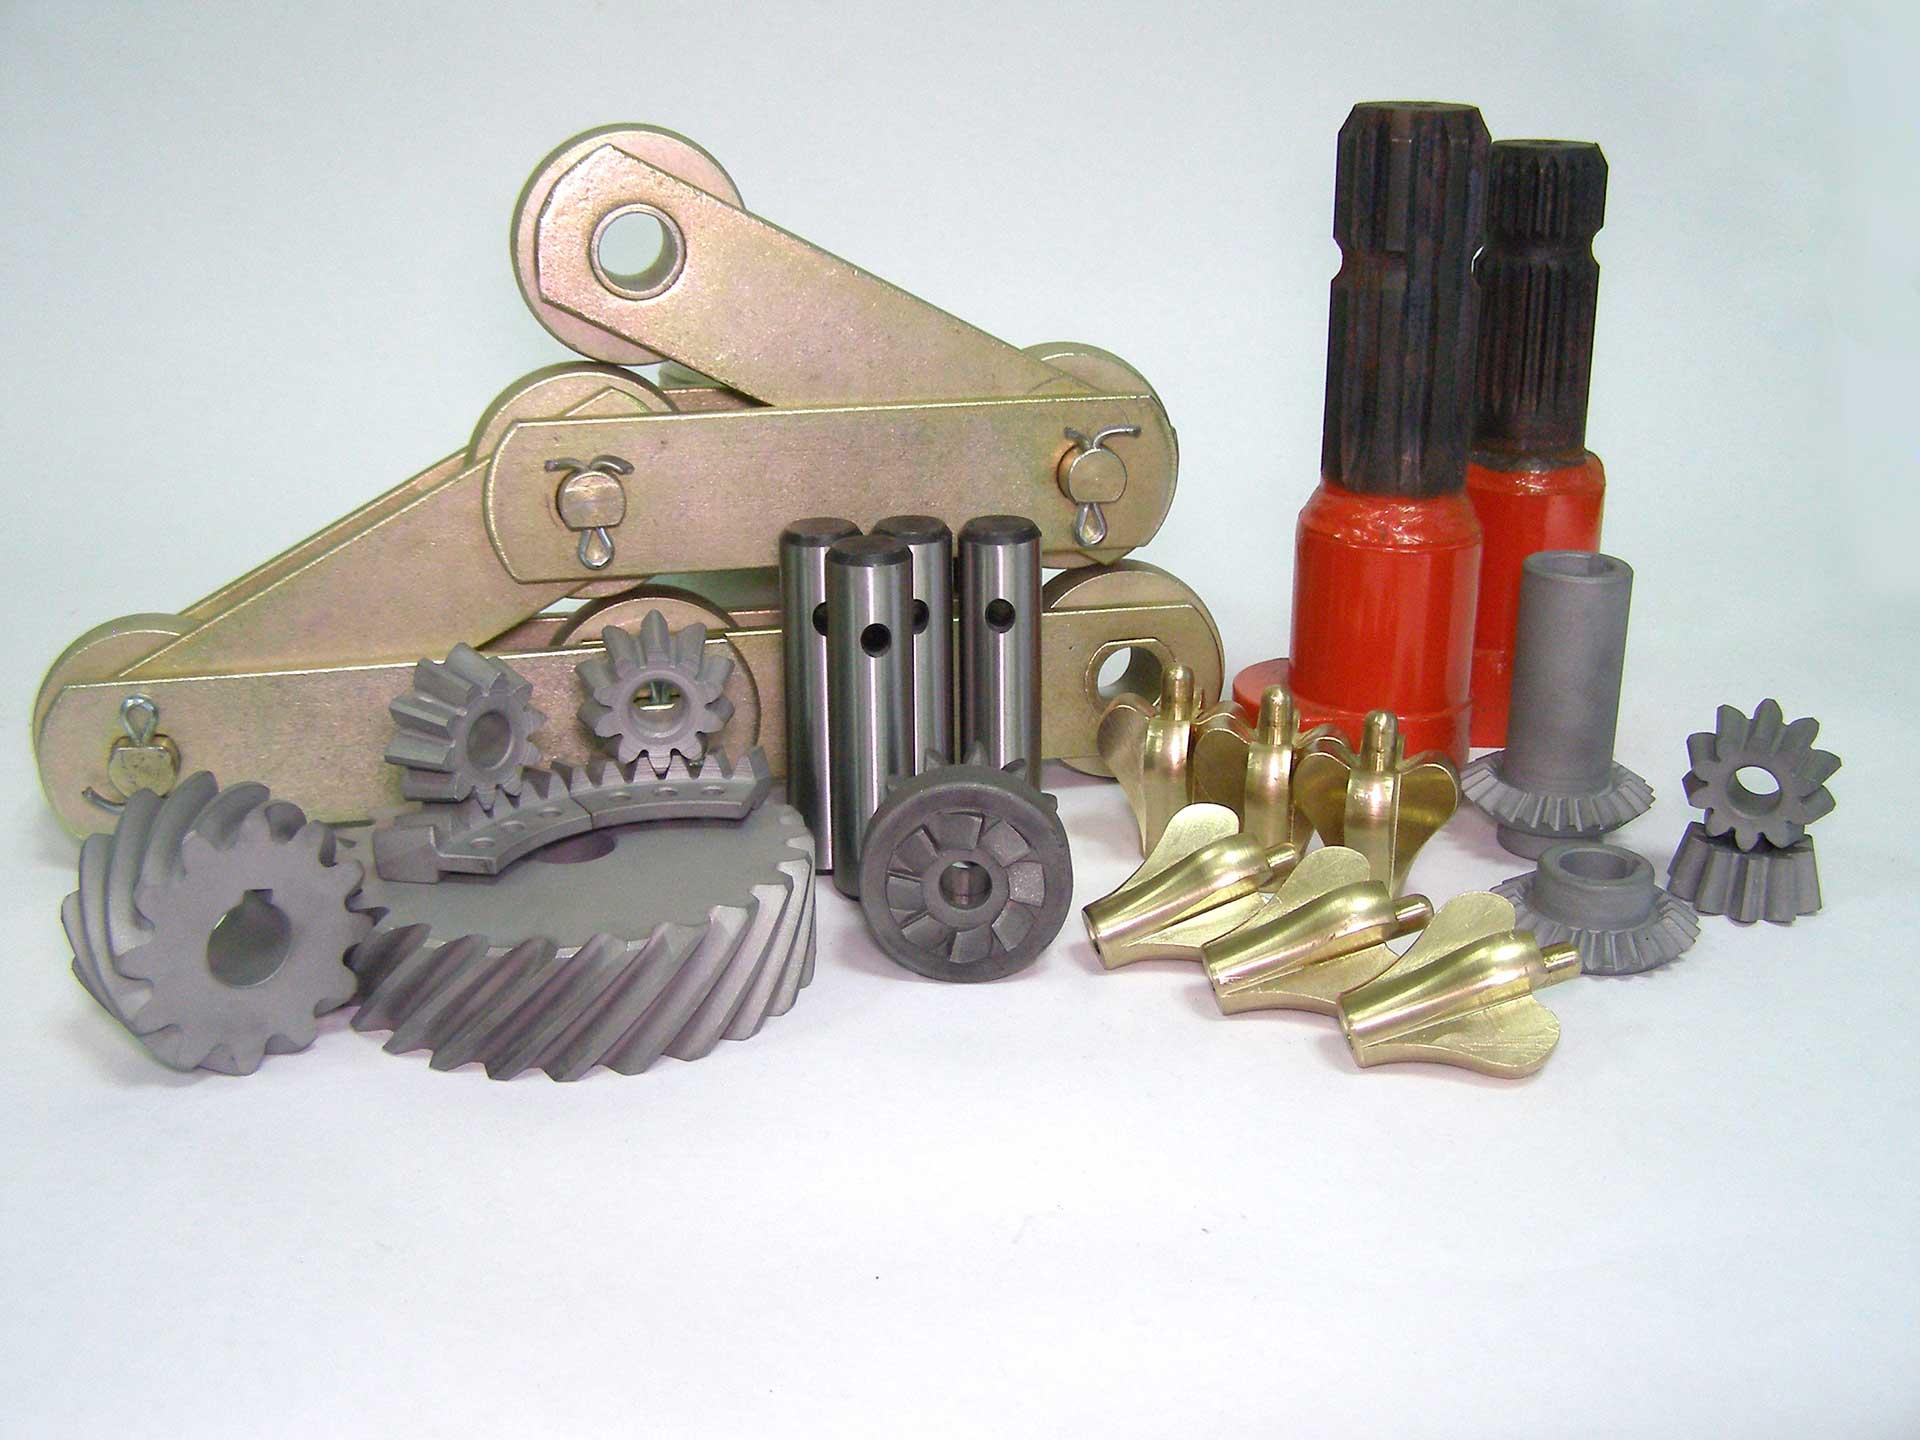 Mechaninis apdirbimas- vienetinė detalių gamyba pagal pavyzdį ar brėžinį.